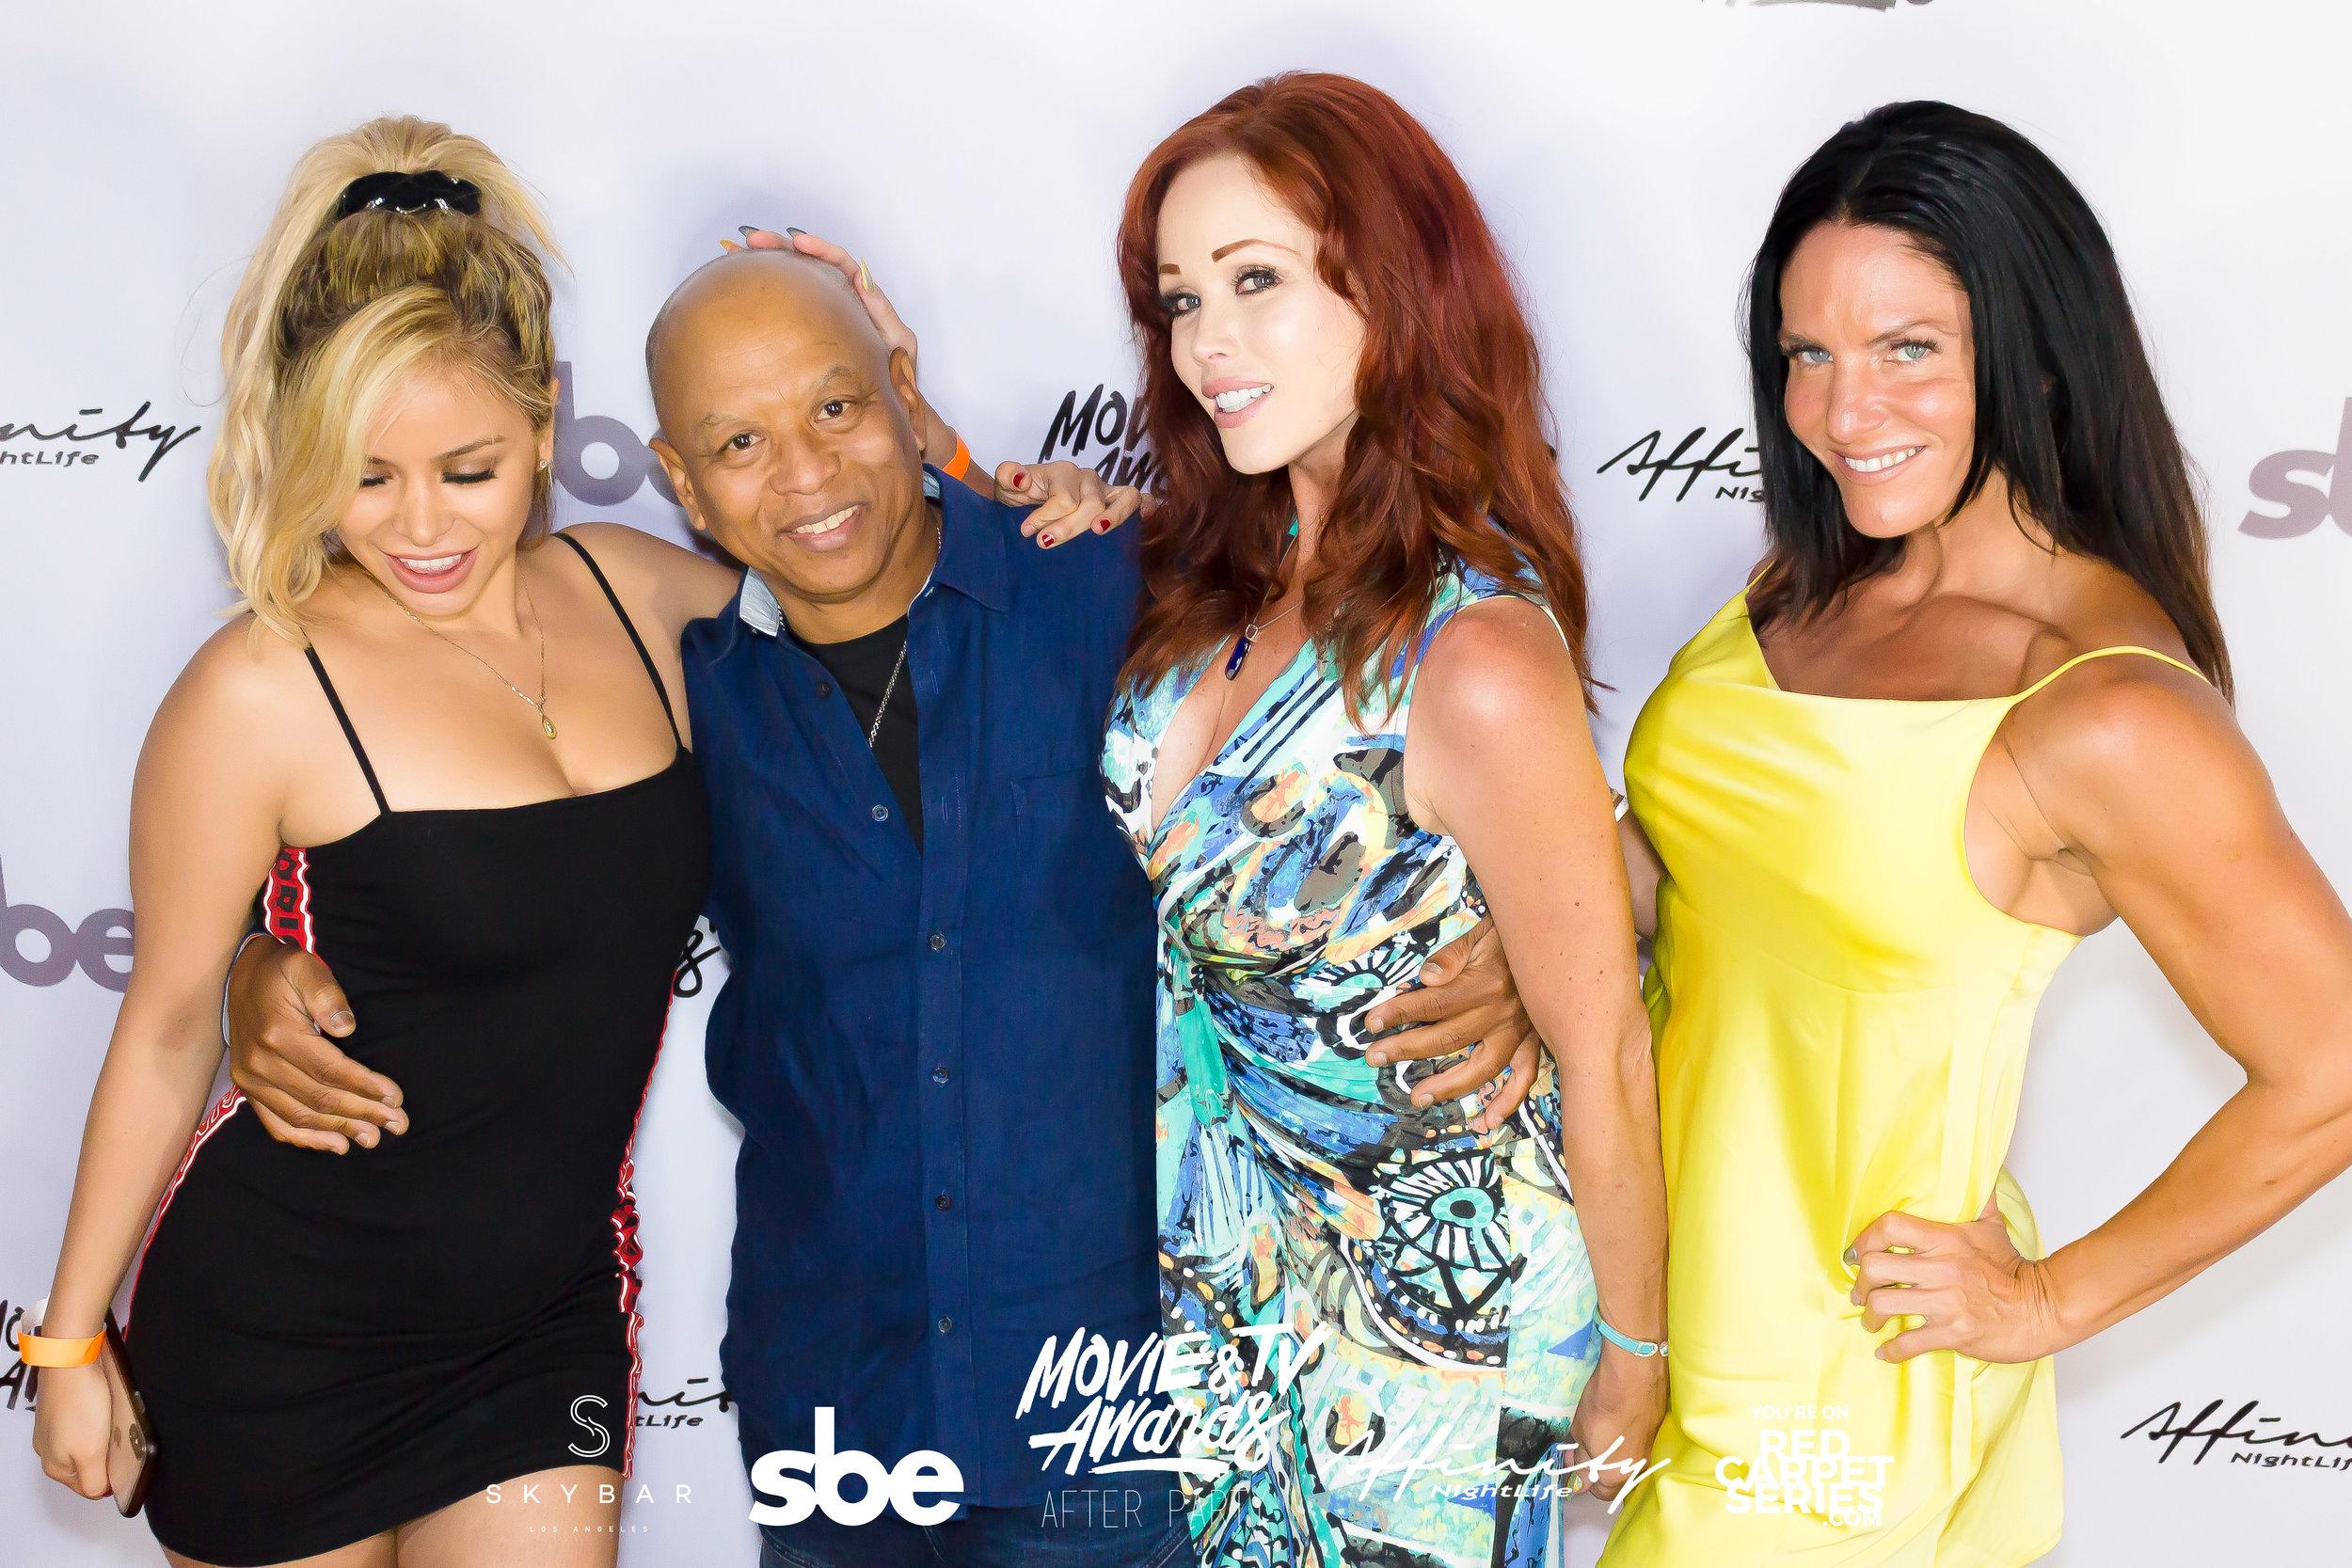 Affinity Nightlife MTV Movie & TV Awards After Party - Skybar at Mondrian - 06-15-19 - Vol. 2_23.jpg